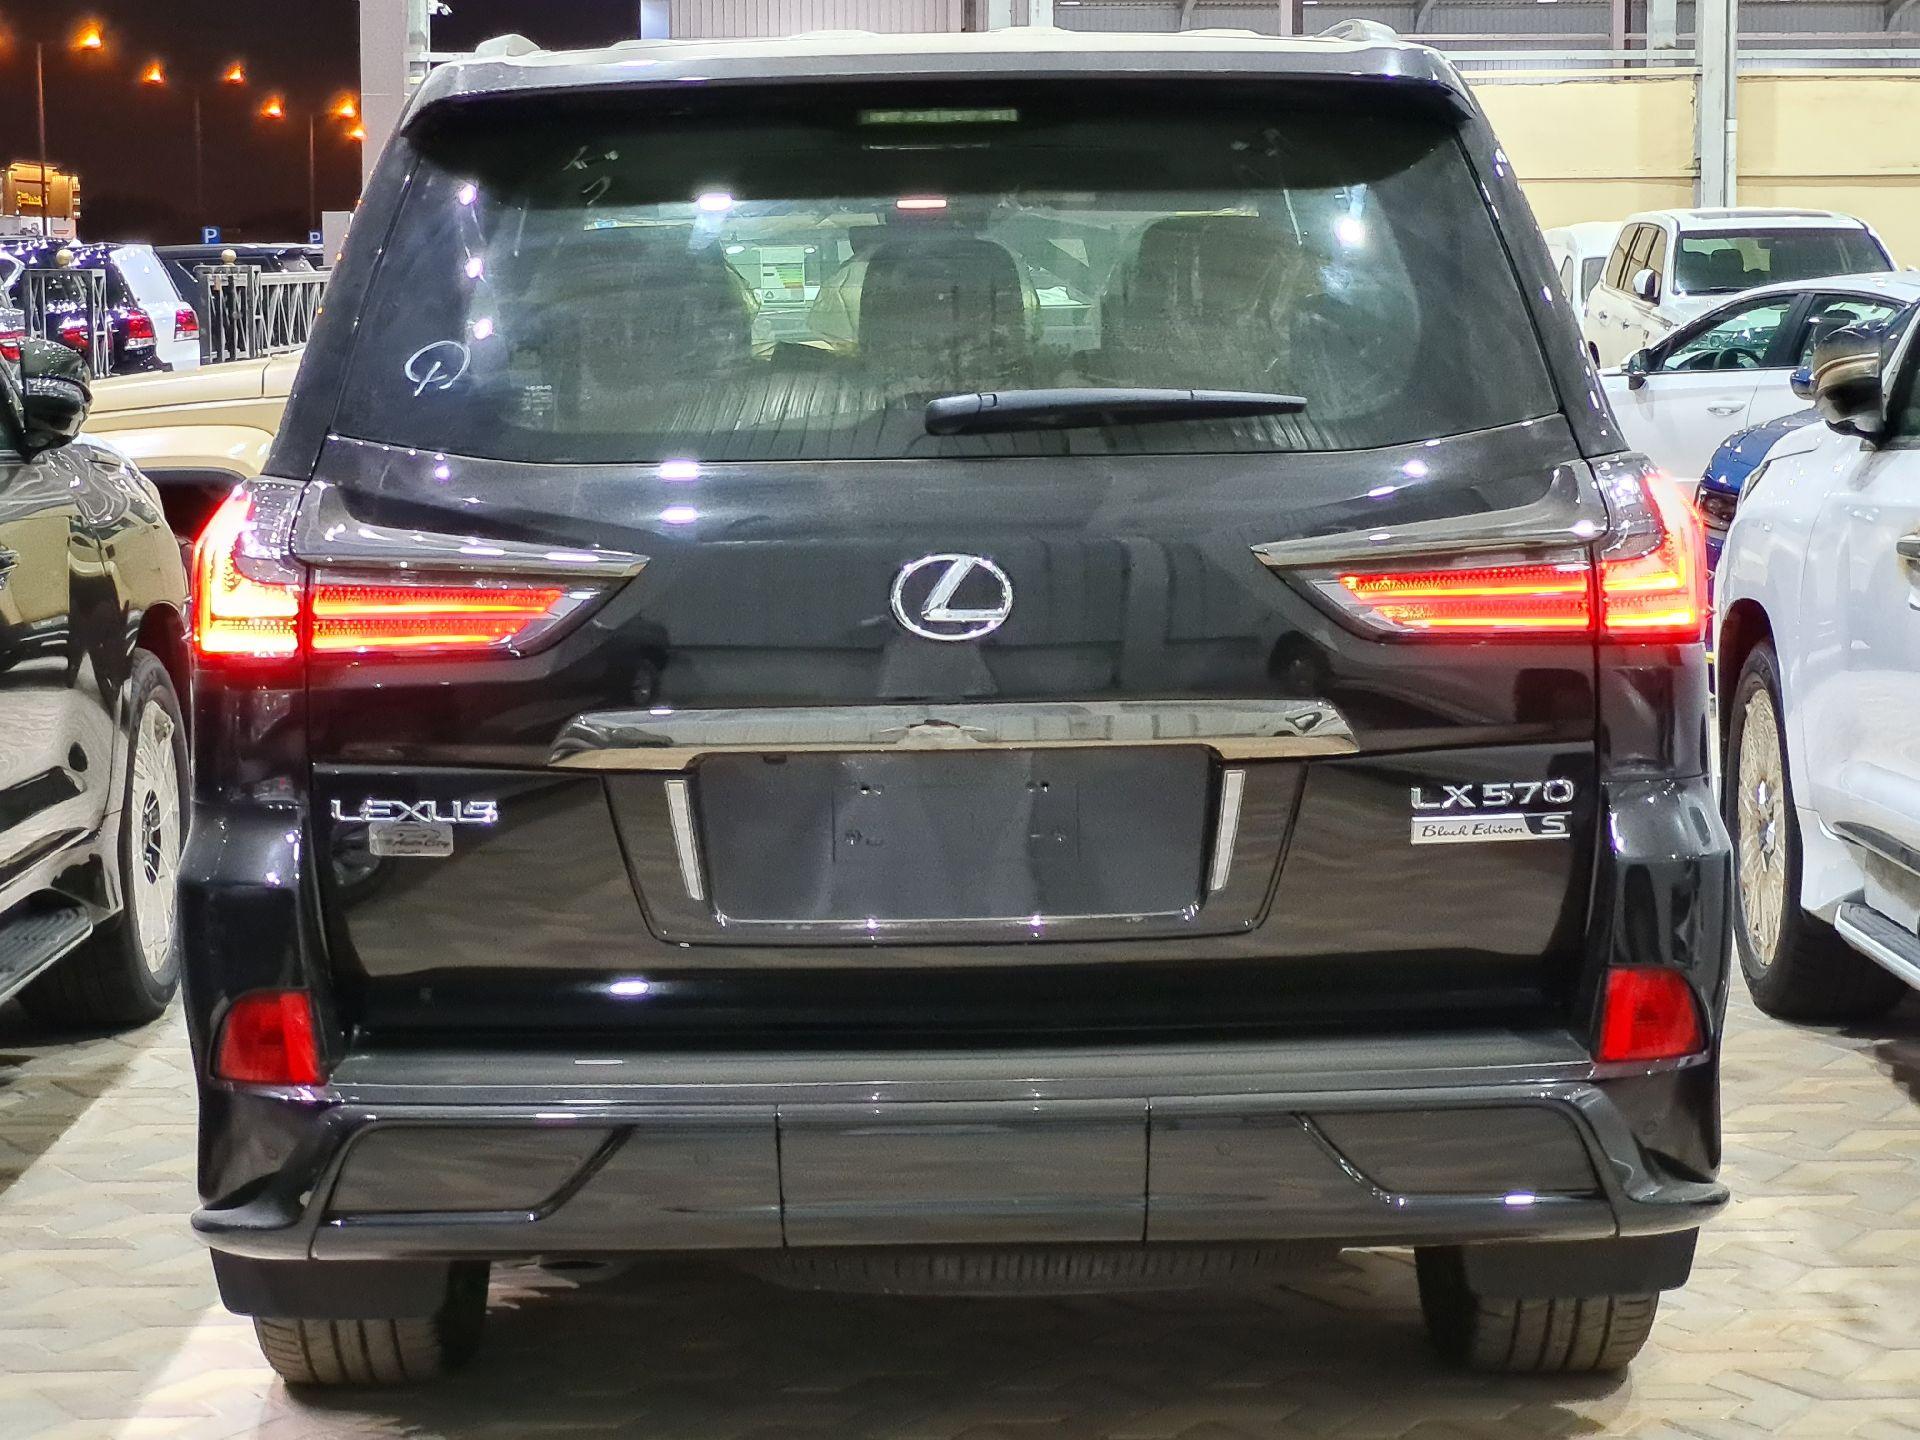 لكزس LX 570 Black Ed. 2021 فل سعودي للبيع في الرياض - السعودية - صورة كبيرة - 3